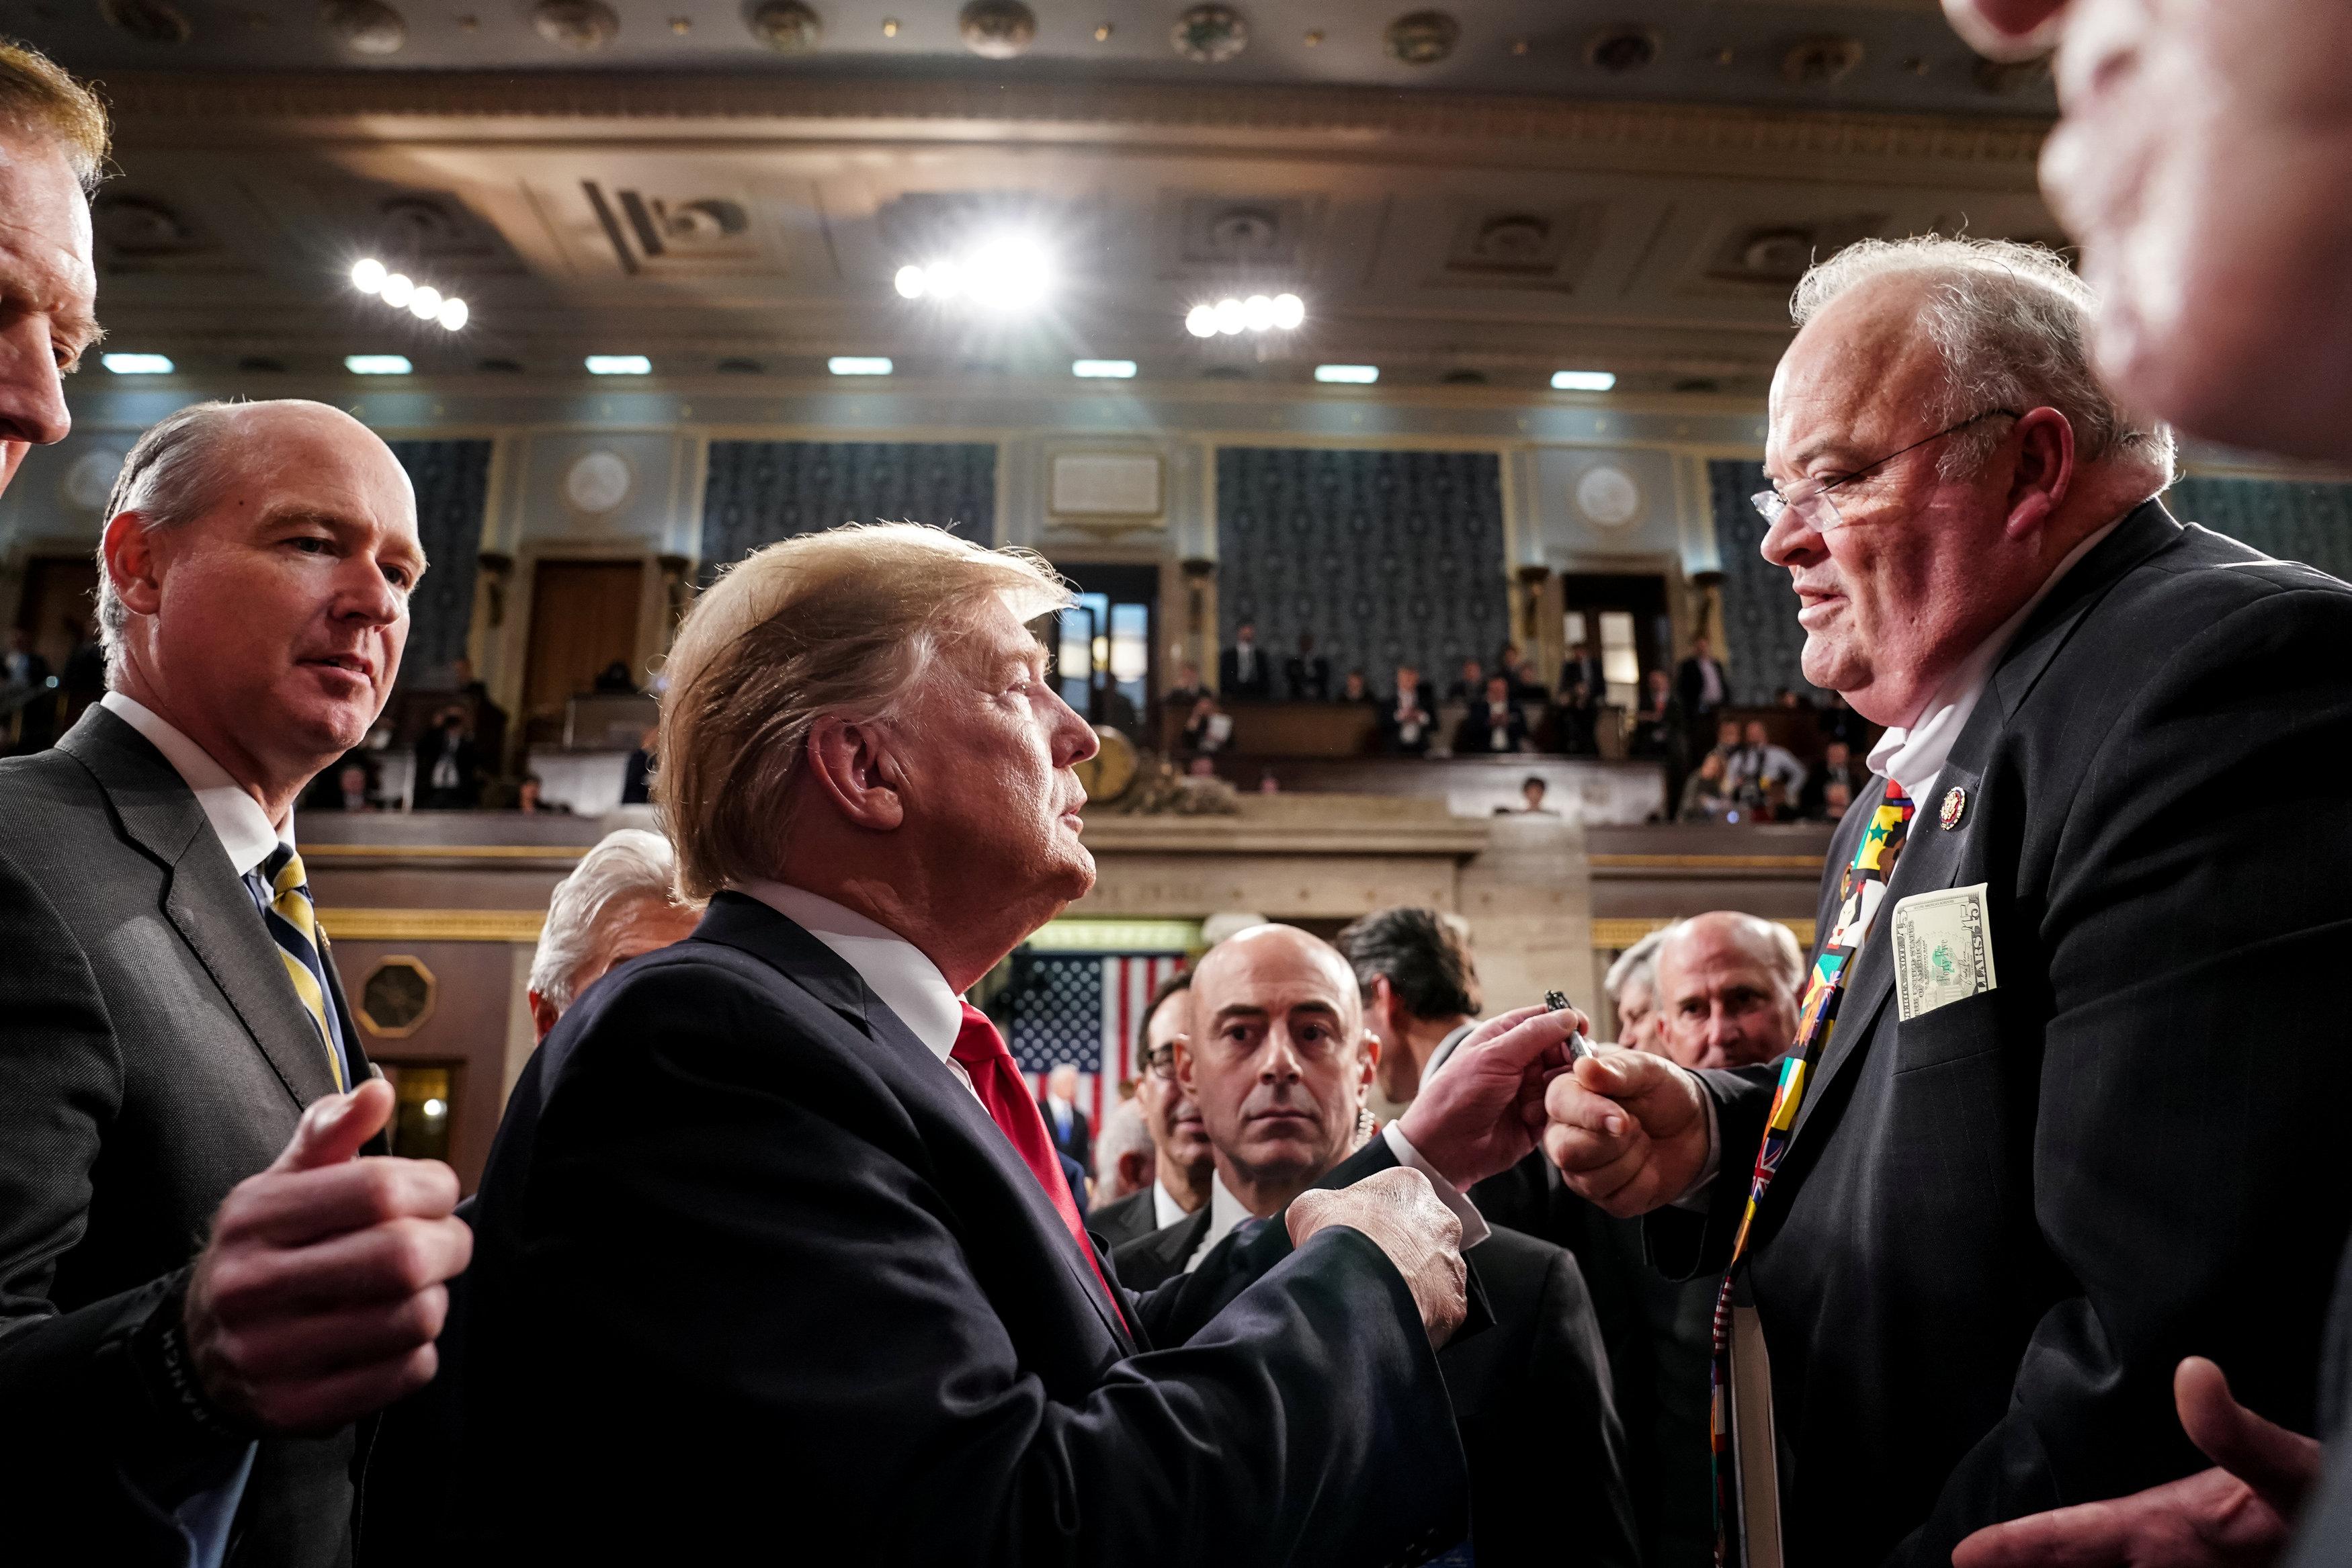 ترامب فى حديث مع أحد أعضاء الكونجرس